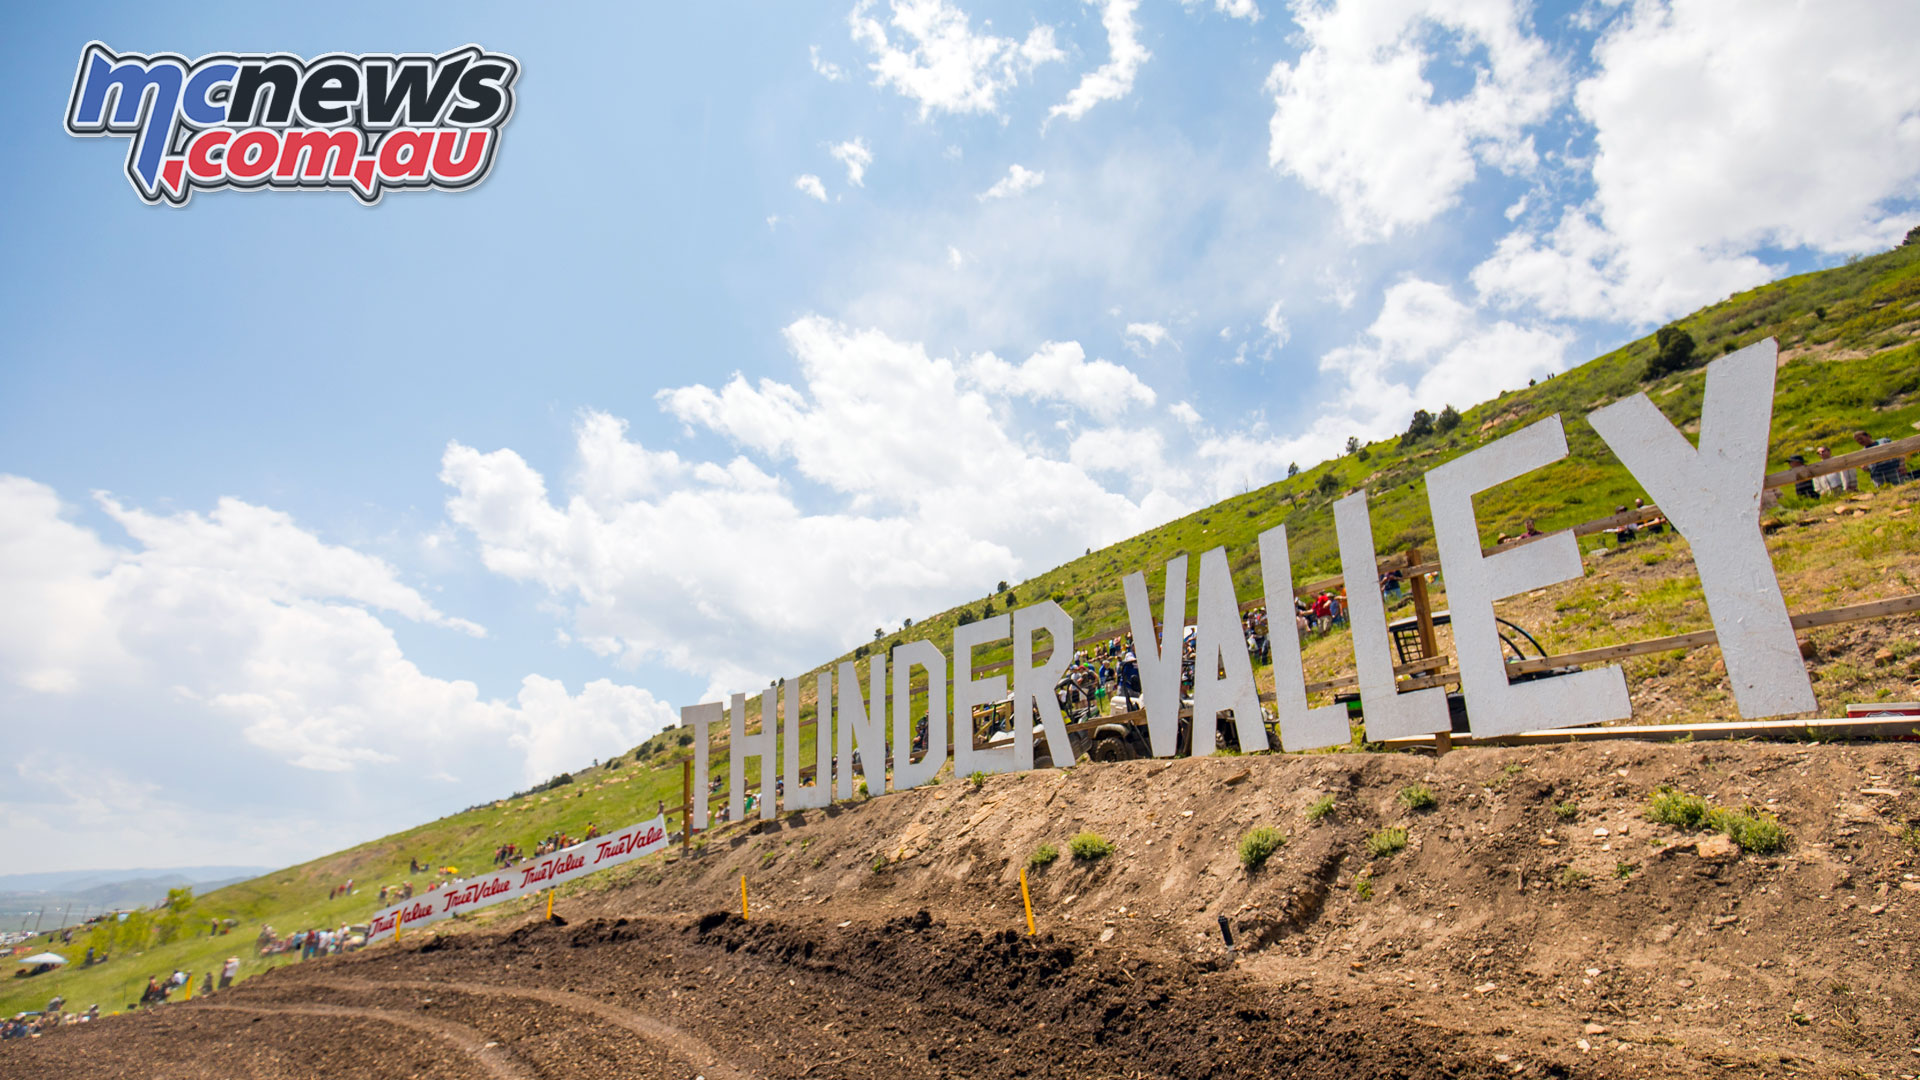 AMA MX Rnd Thunder Valley Pits JK MX Lakewood